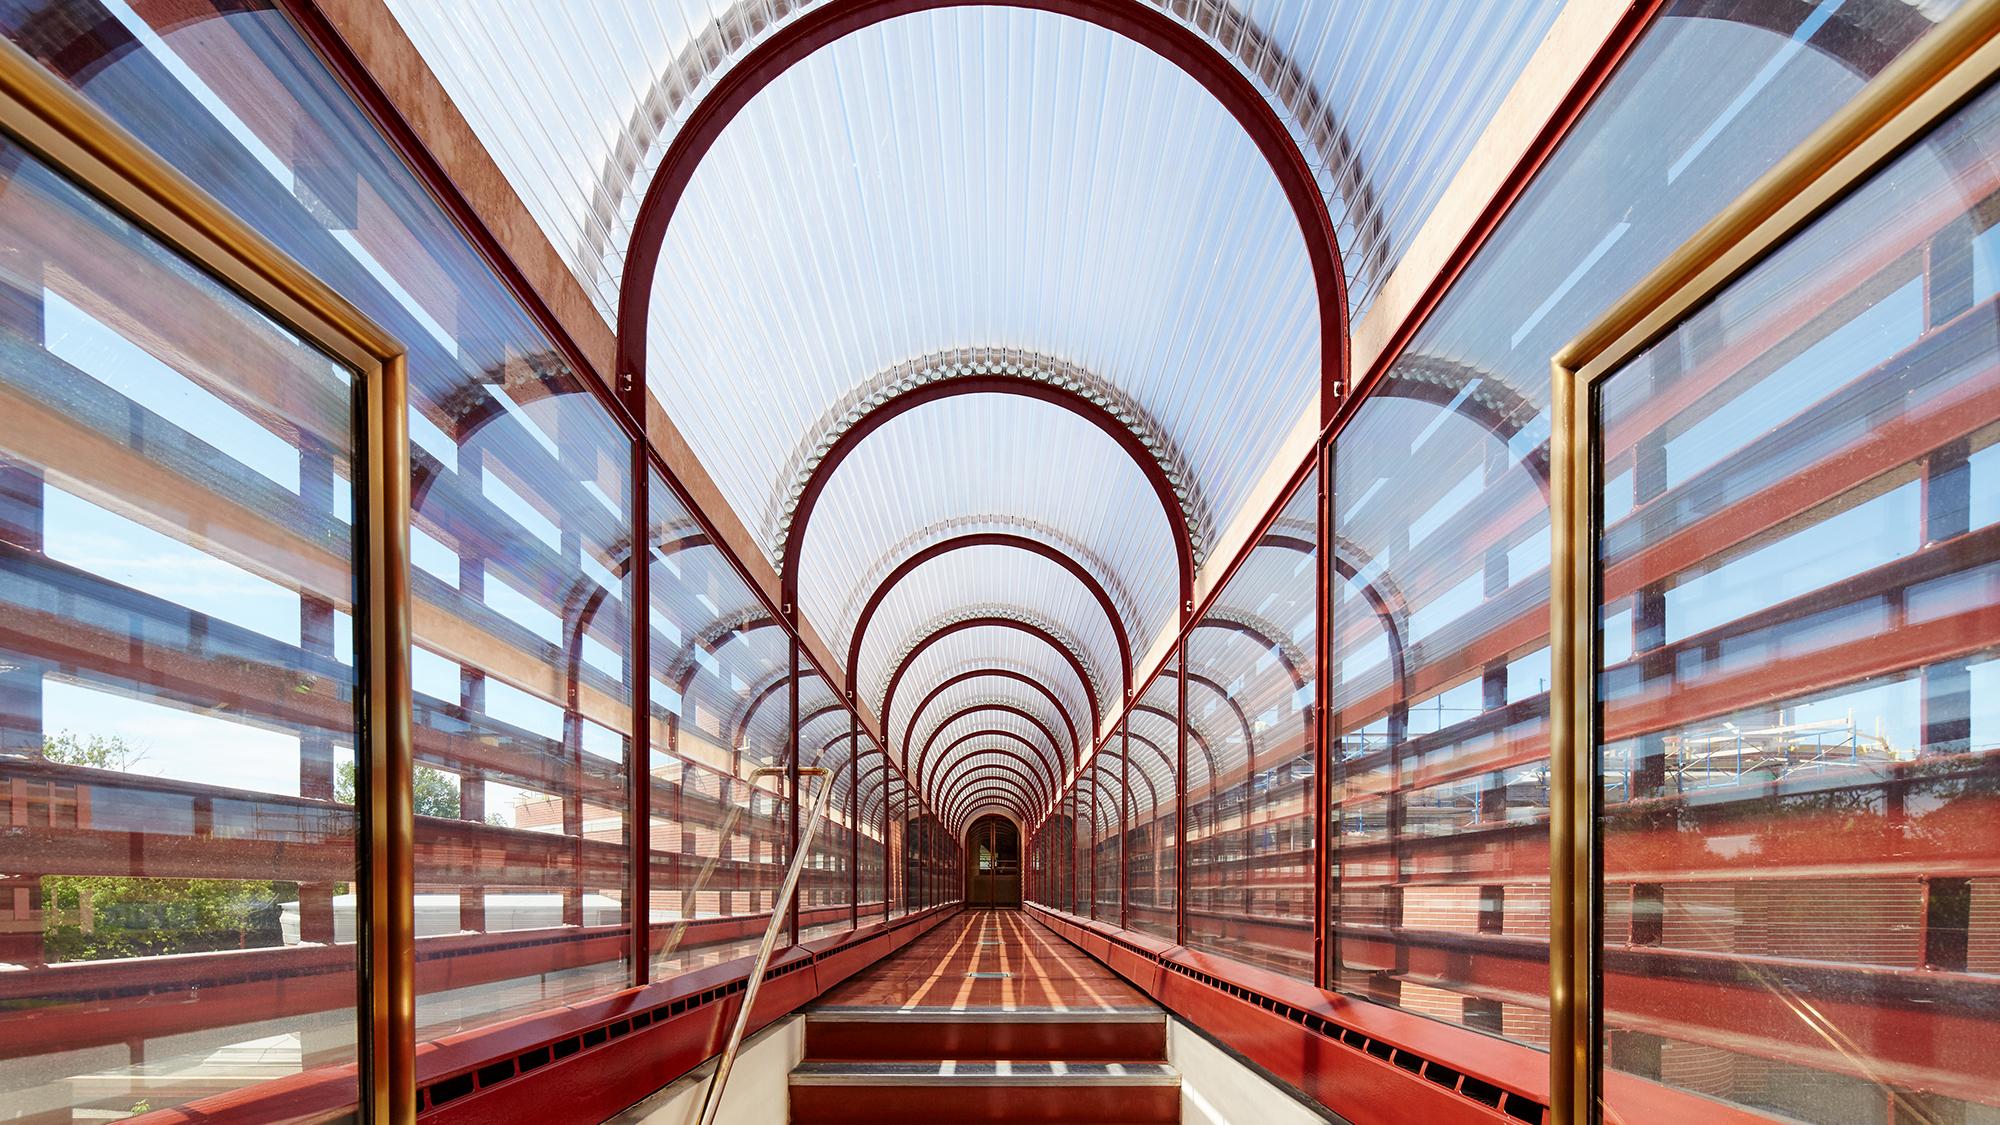 Podiumul proiectat de Frank Llloyd Wright în clădirea administrativă a SC Johnson